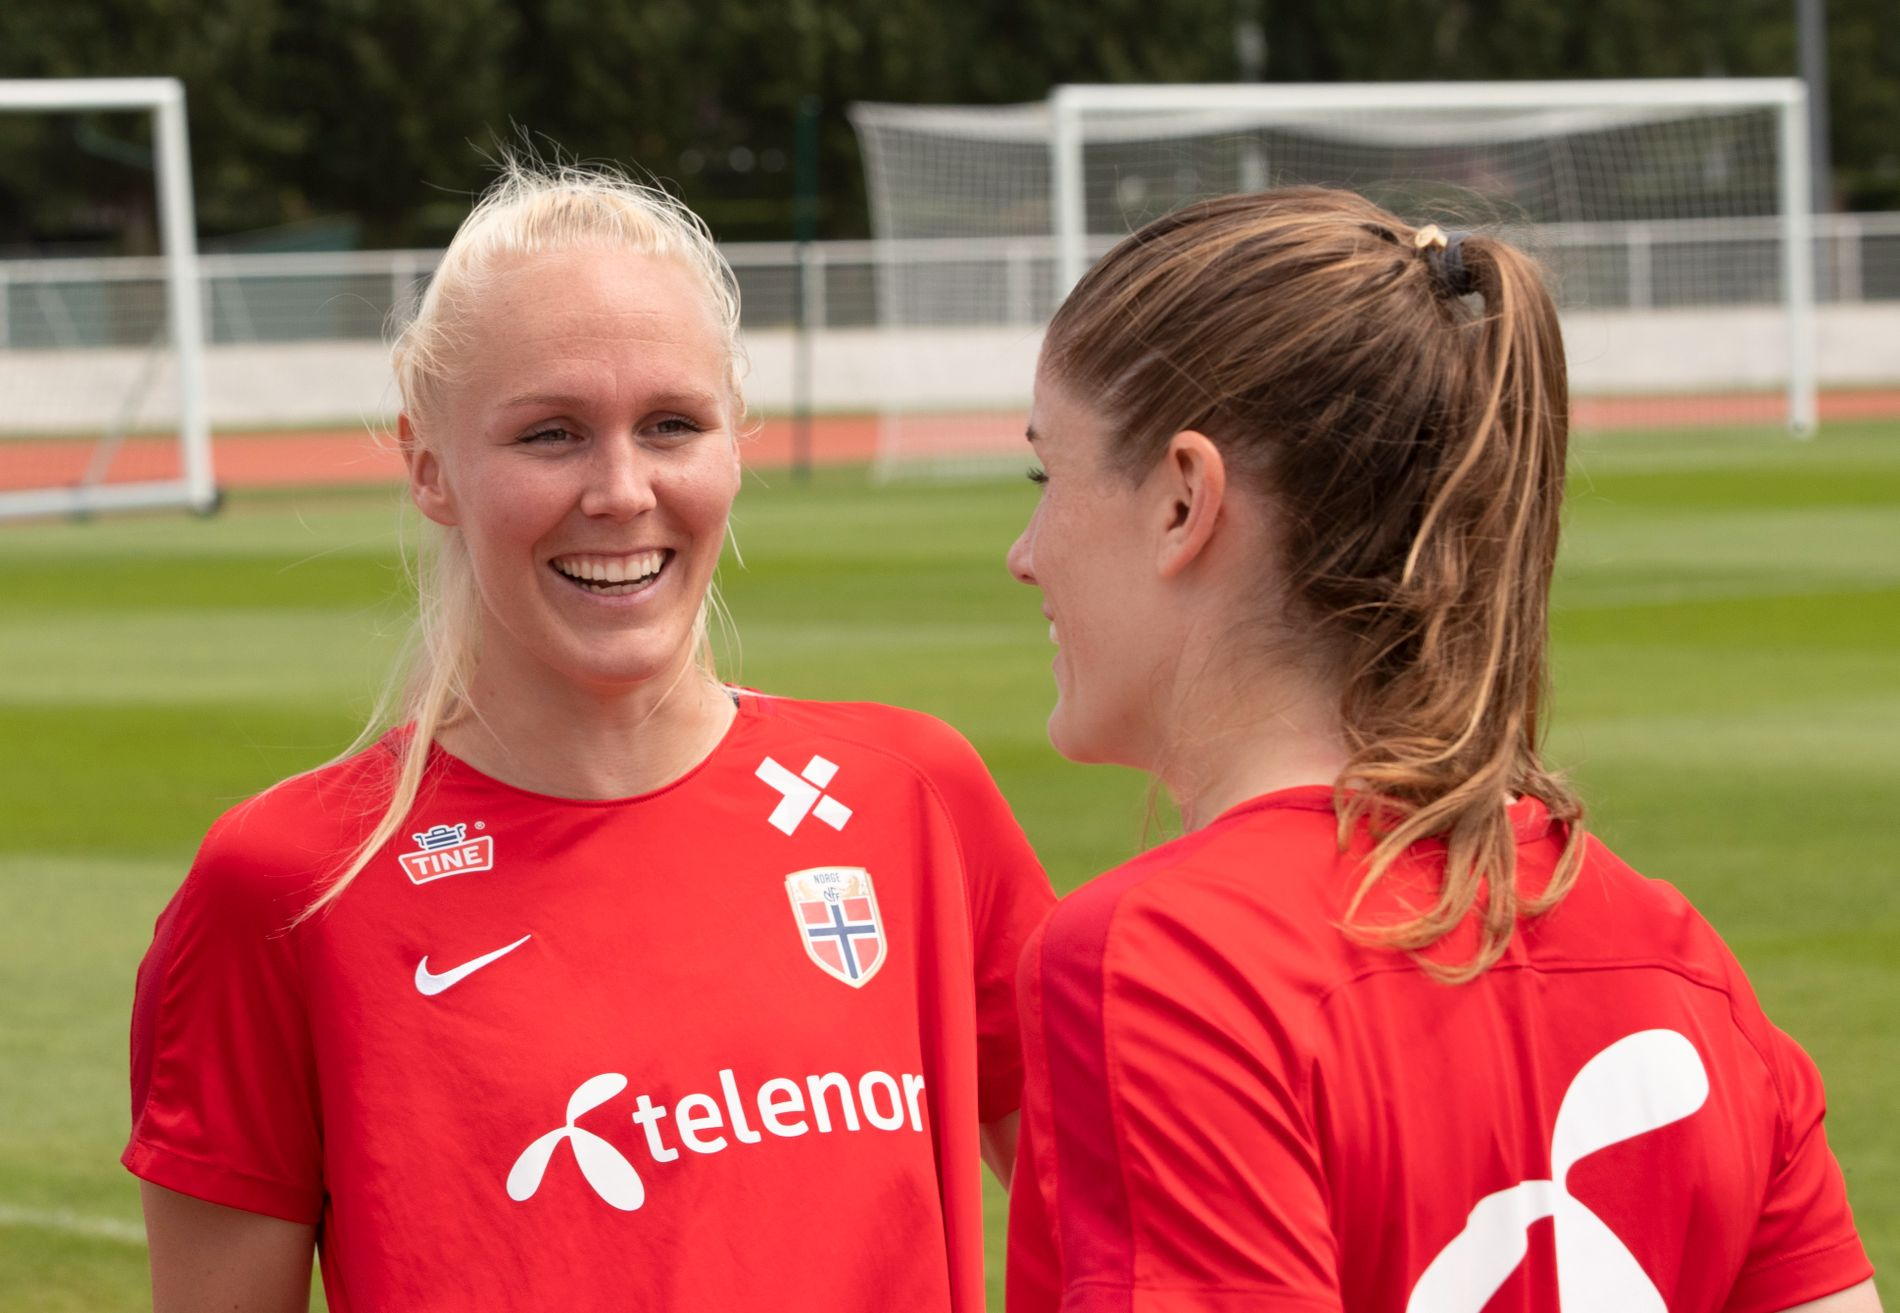 FLERE NORDMENN: Maria Thorisdottir og Maren Mjelde har begge spilt for Chelsea siden 2017. Fra i sommer blir også Brede Tokvam og Guro Reiten en del av klubben.